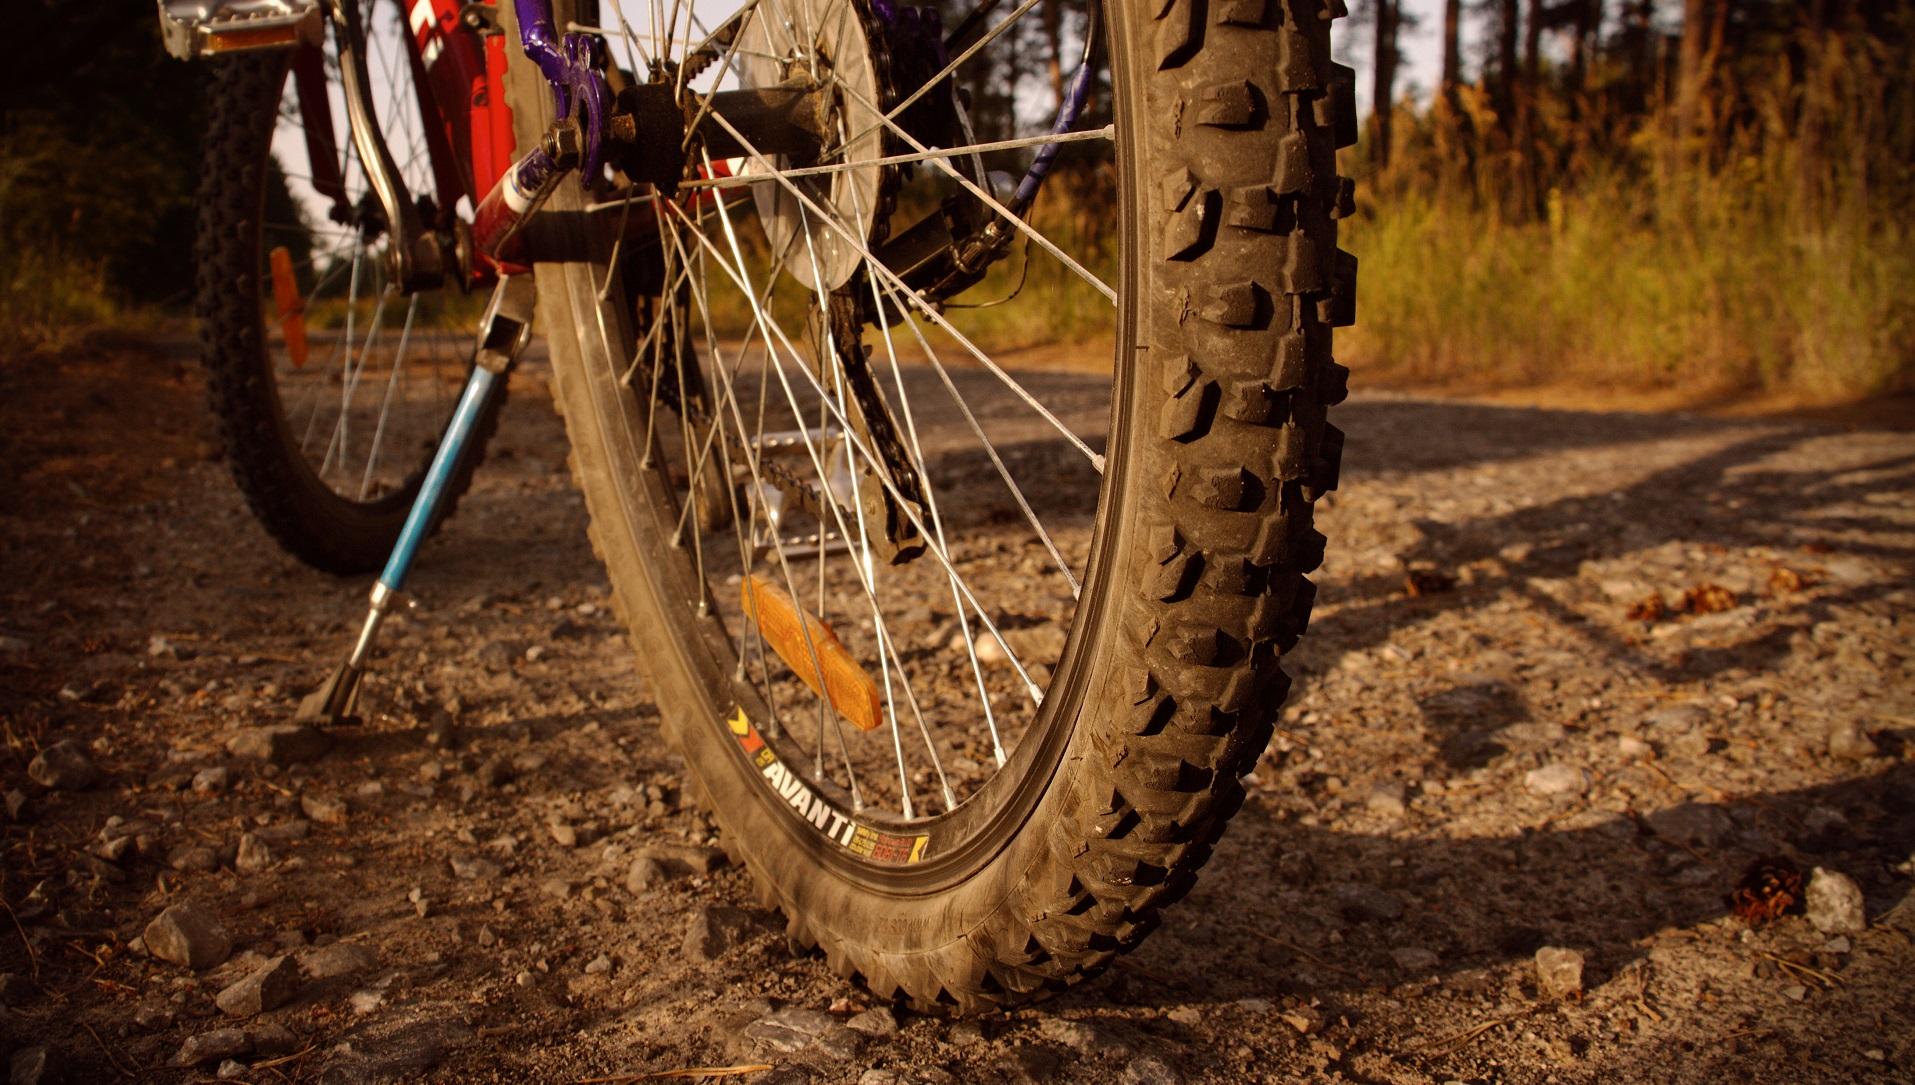 Cómo las bicicletas podrían ser el próximo vehículo autónomo